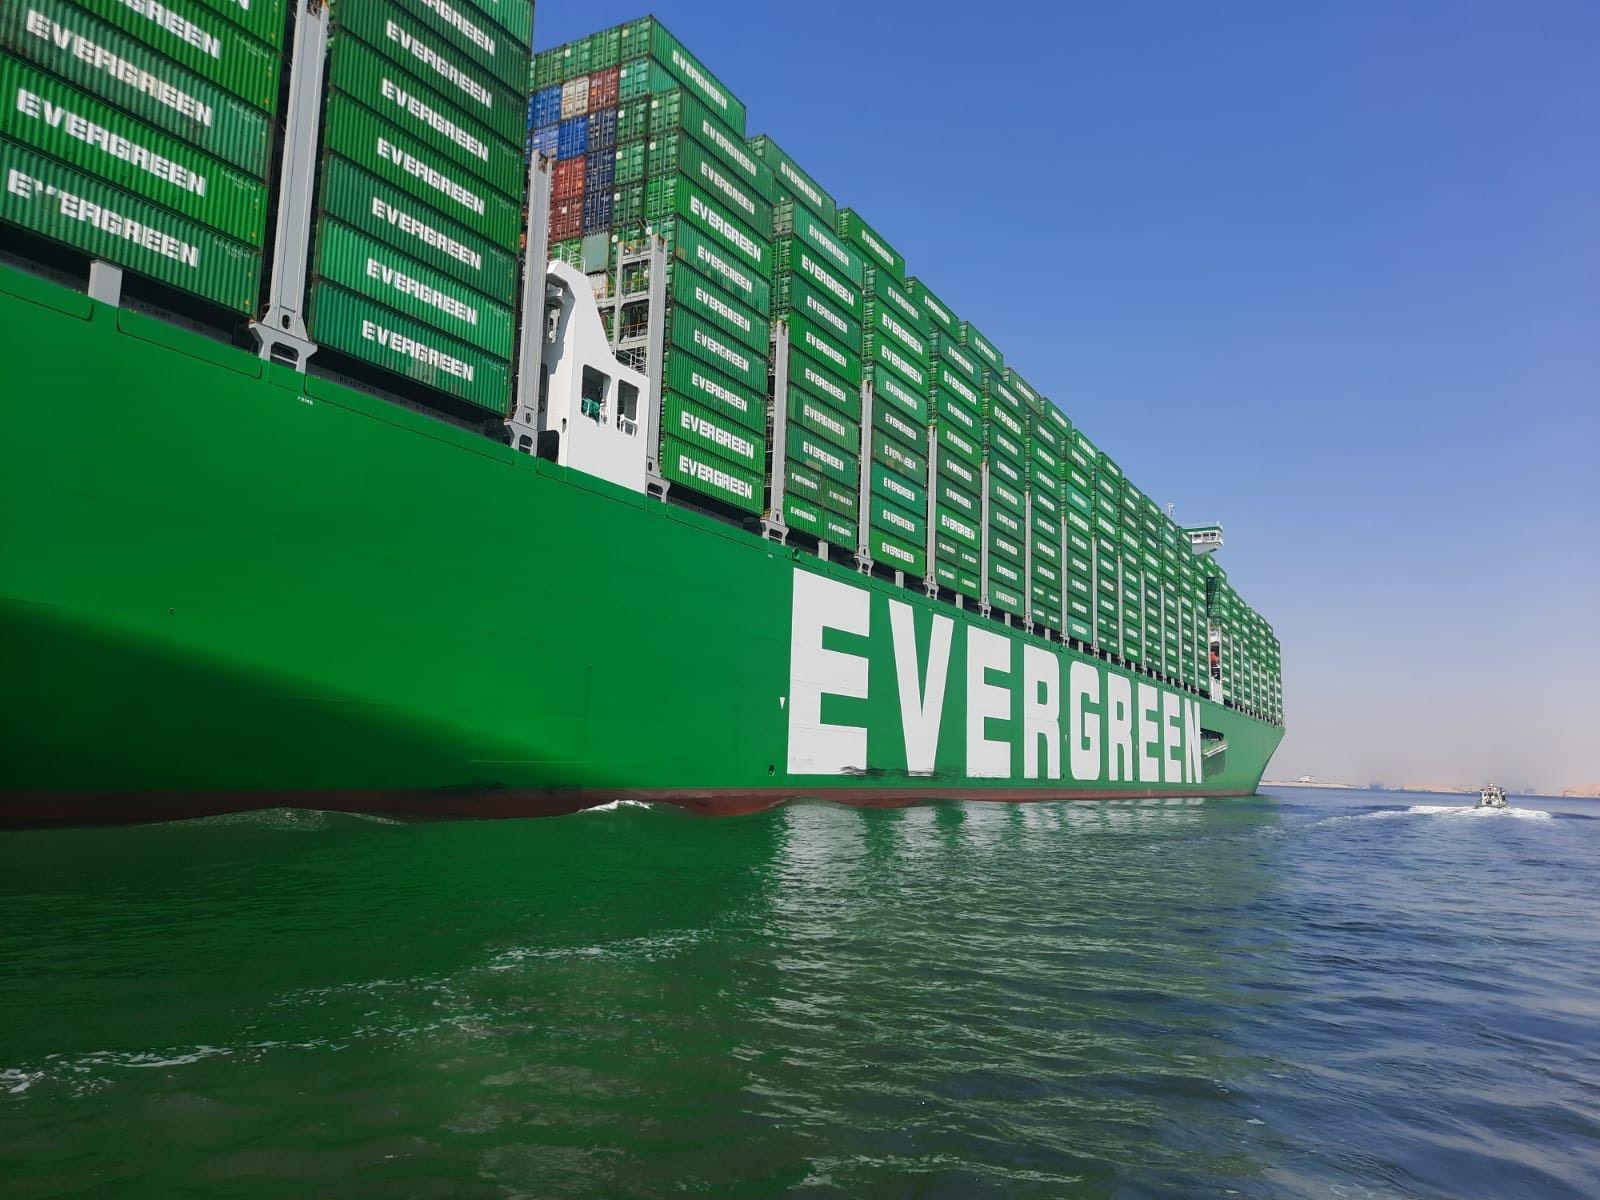 أكبر سفينة حاويات تعبر مياه قناة السويس